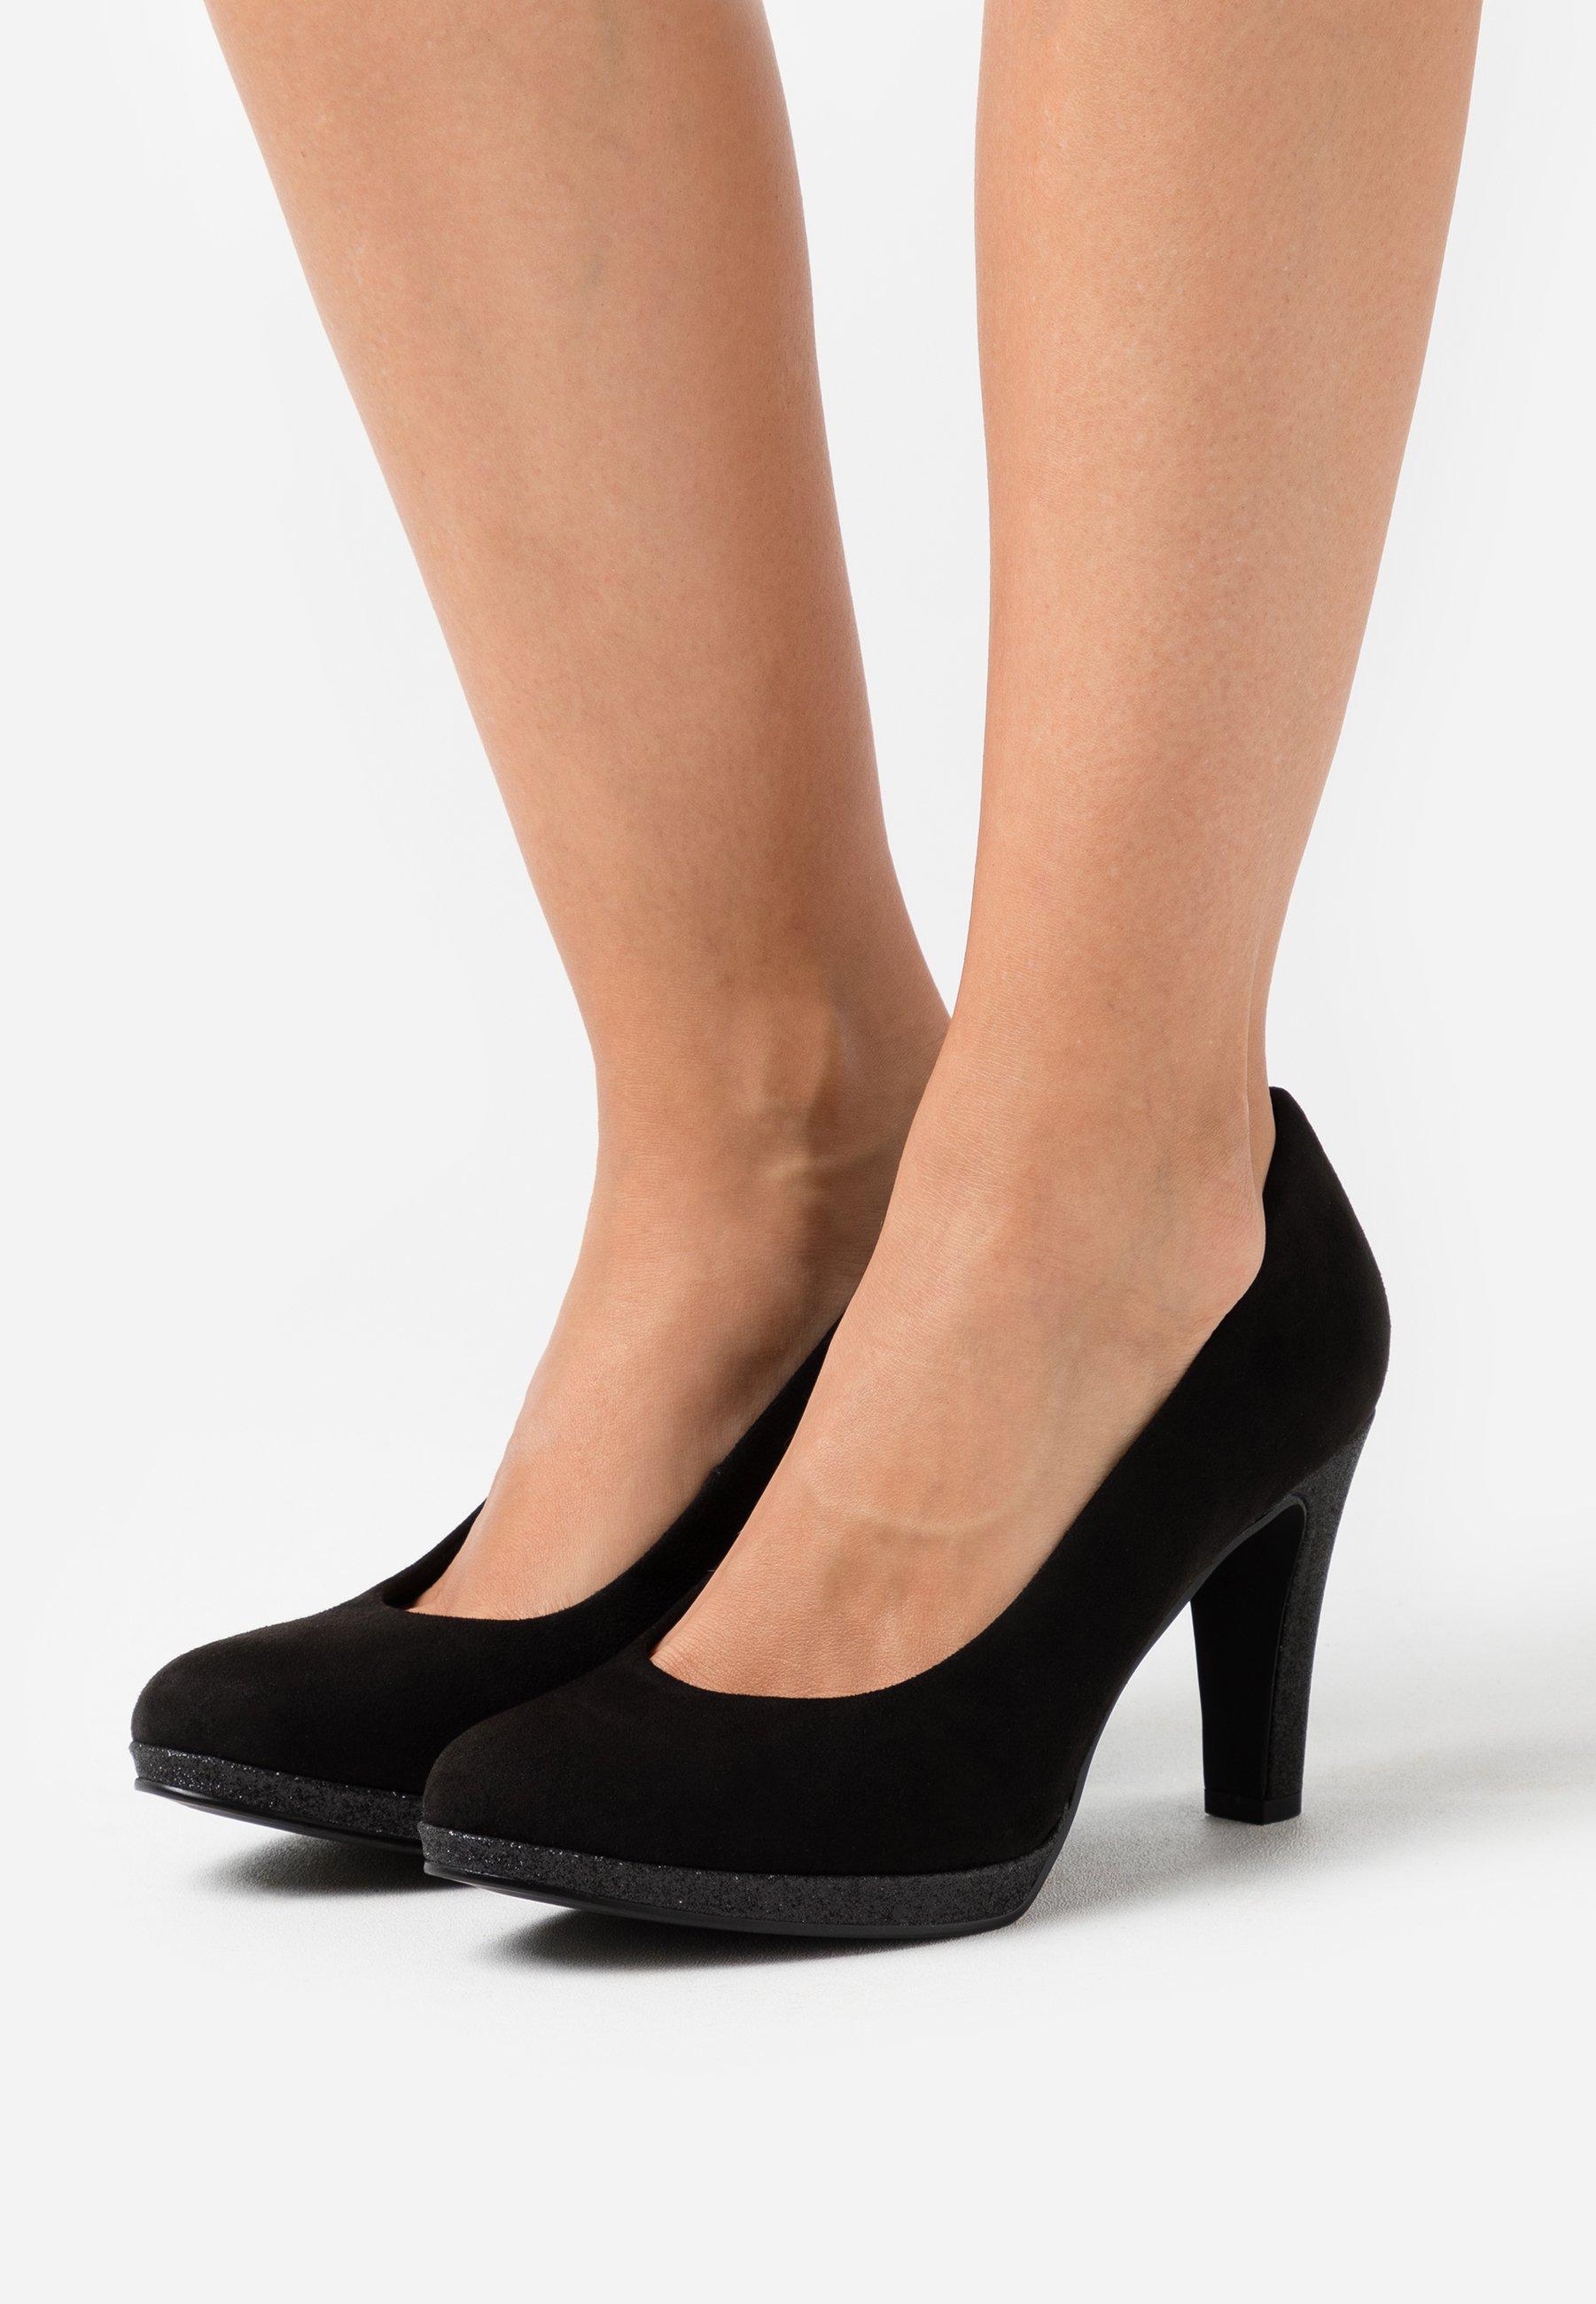 Femme COURT SHOE - Escarpins à talons hauts - black